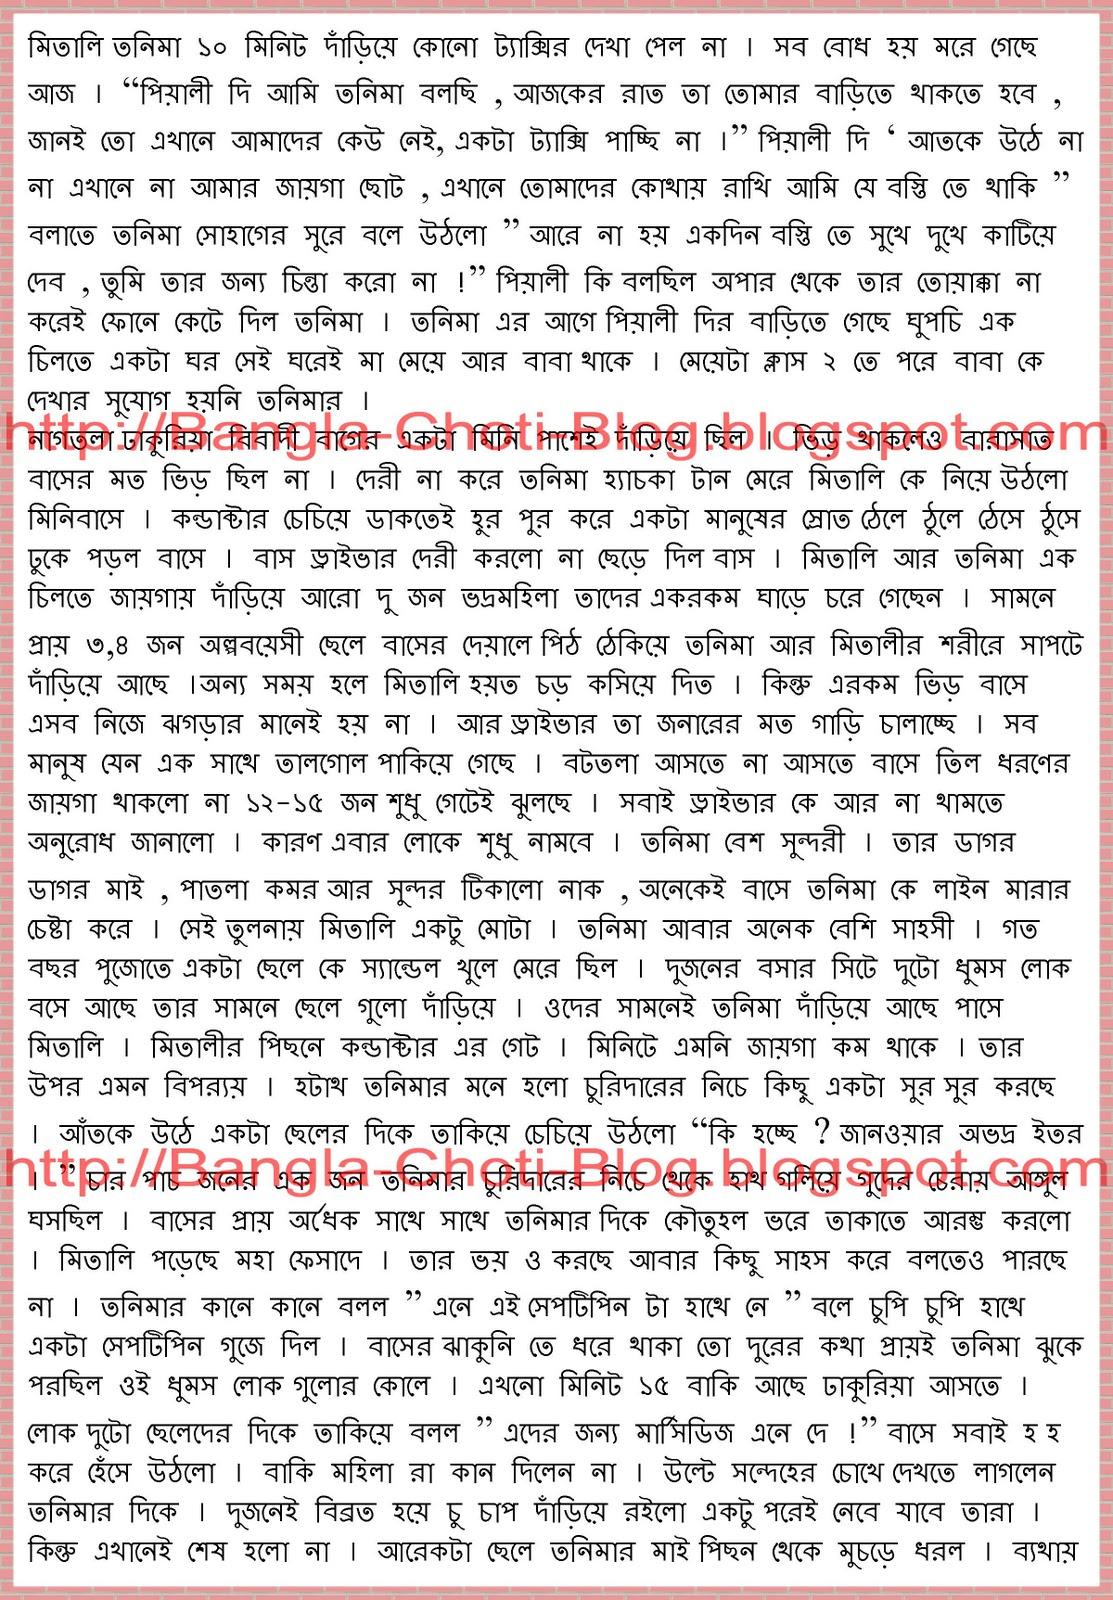 Bangla Sexer All Golpo 2013 Adanih Com